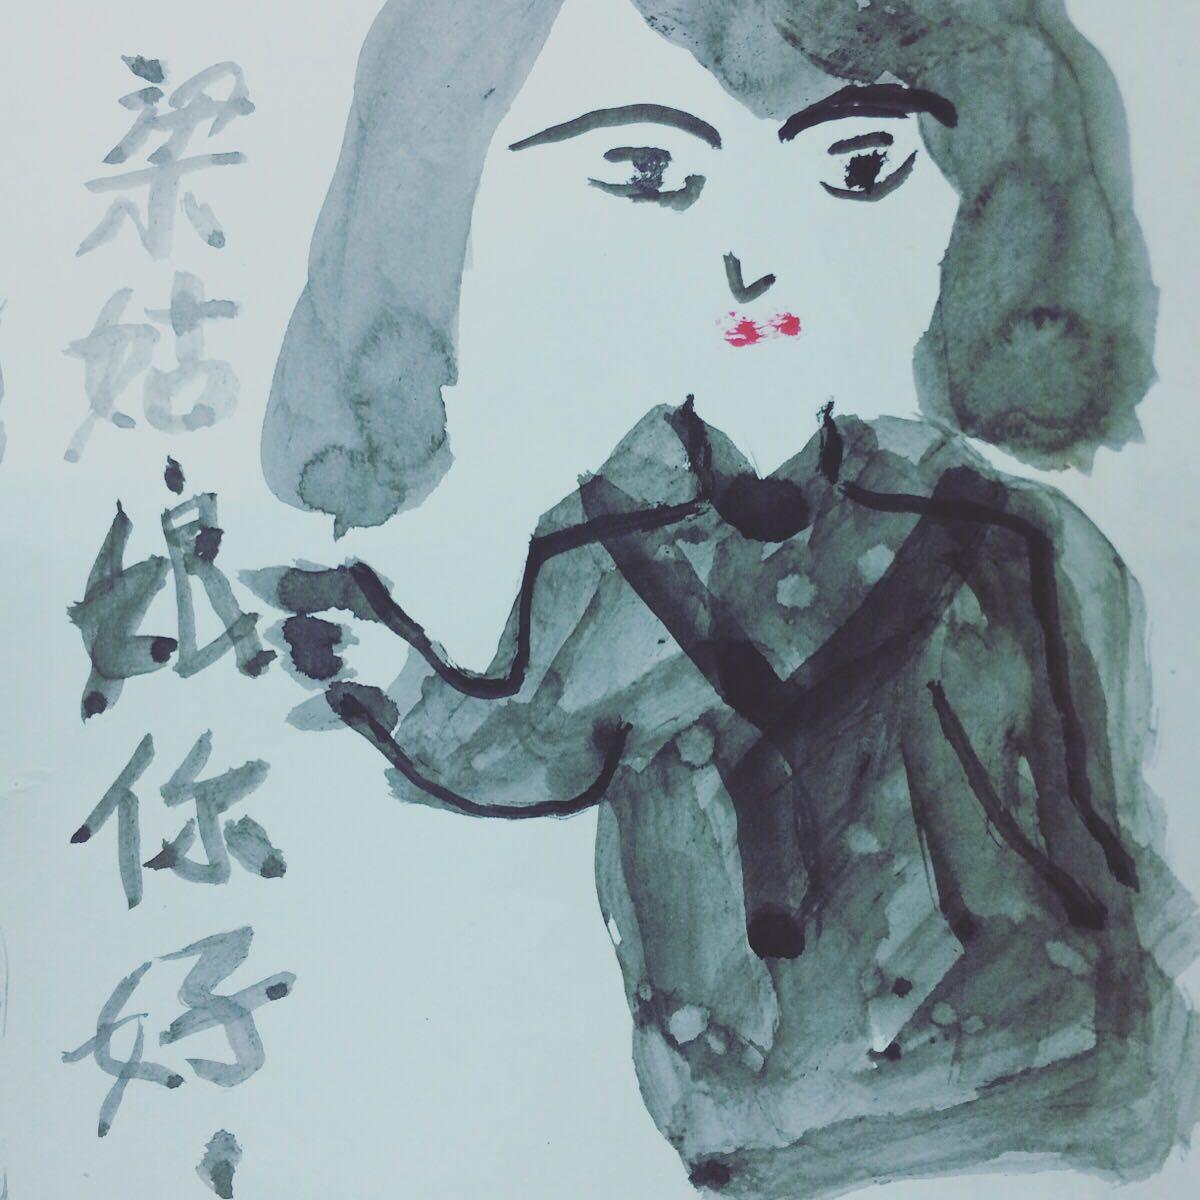 leung169